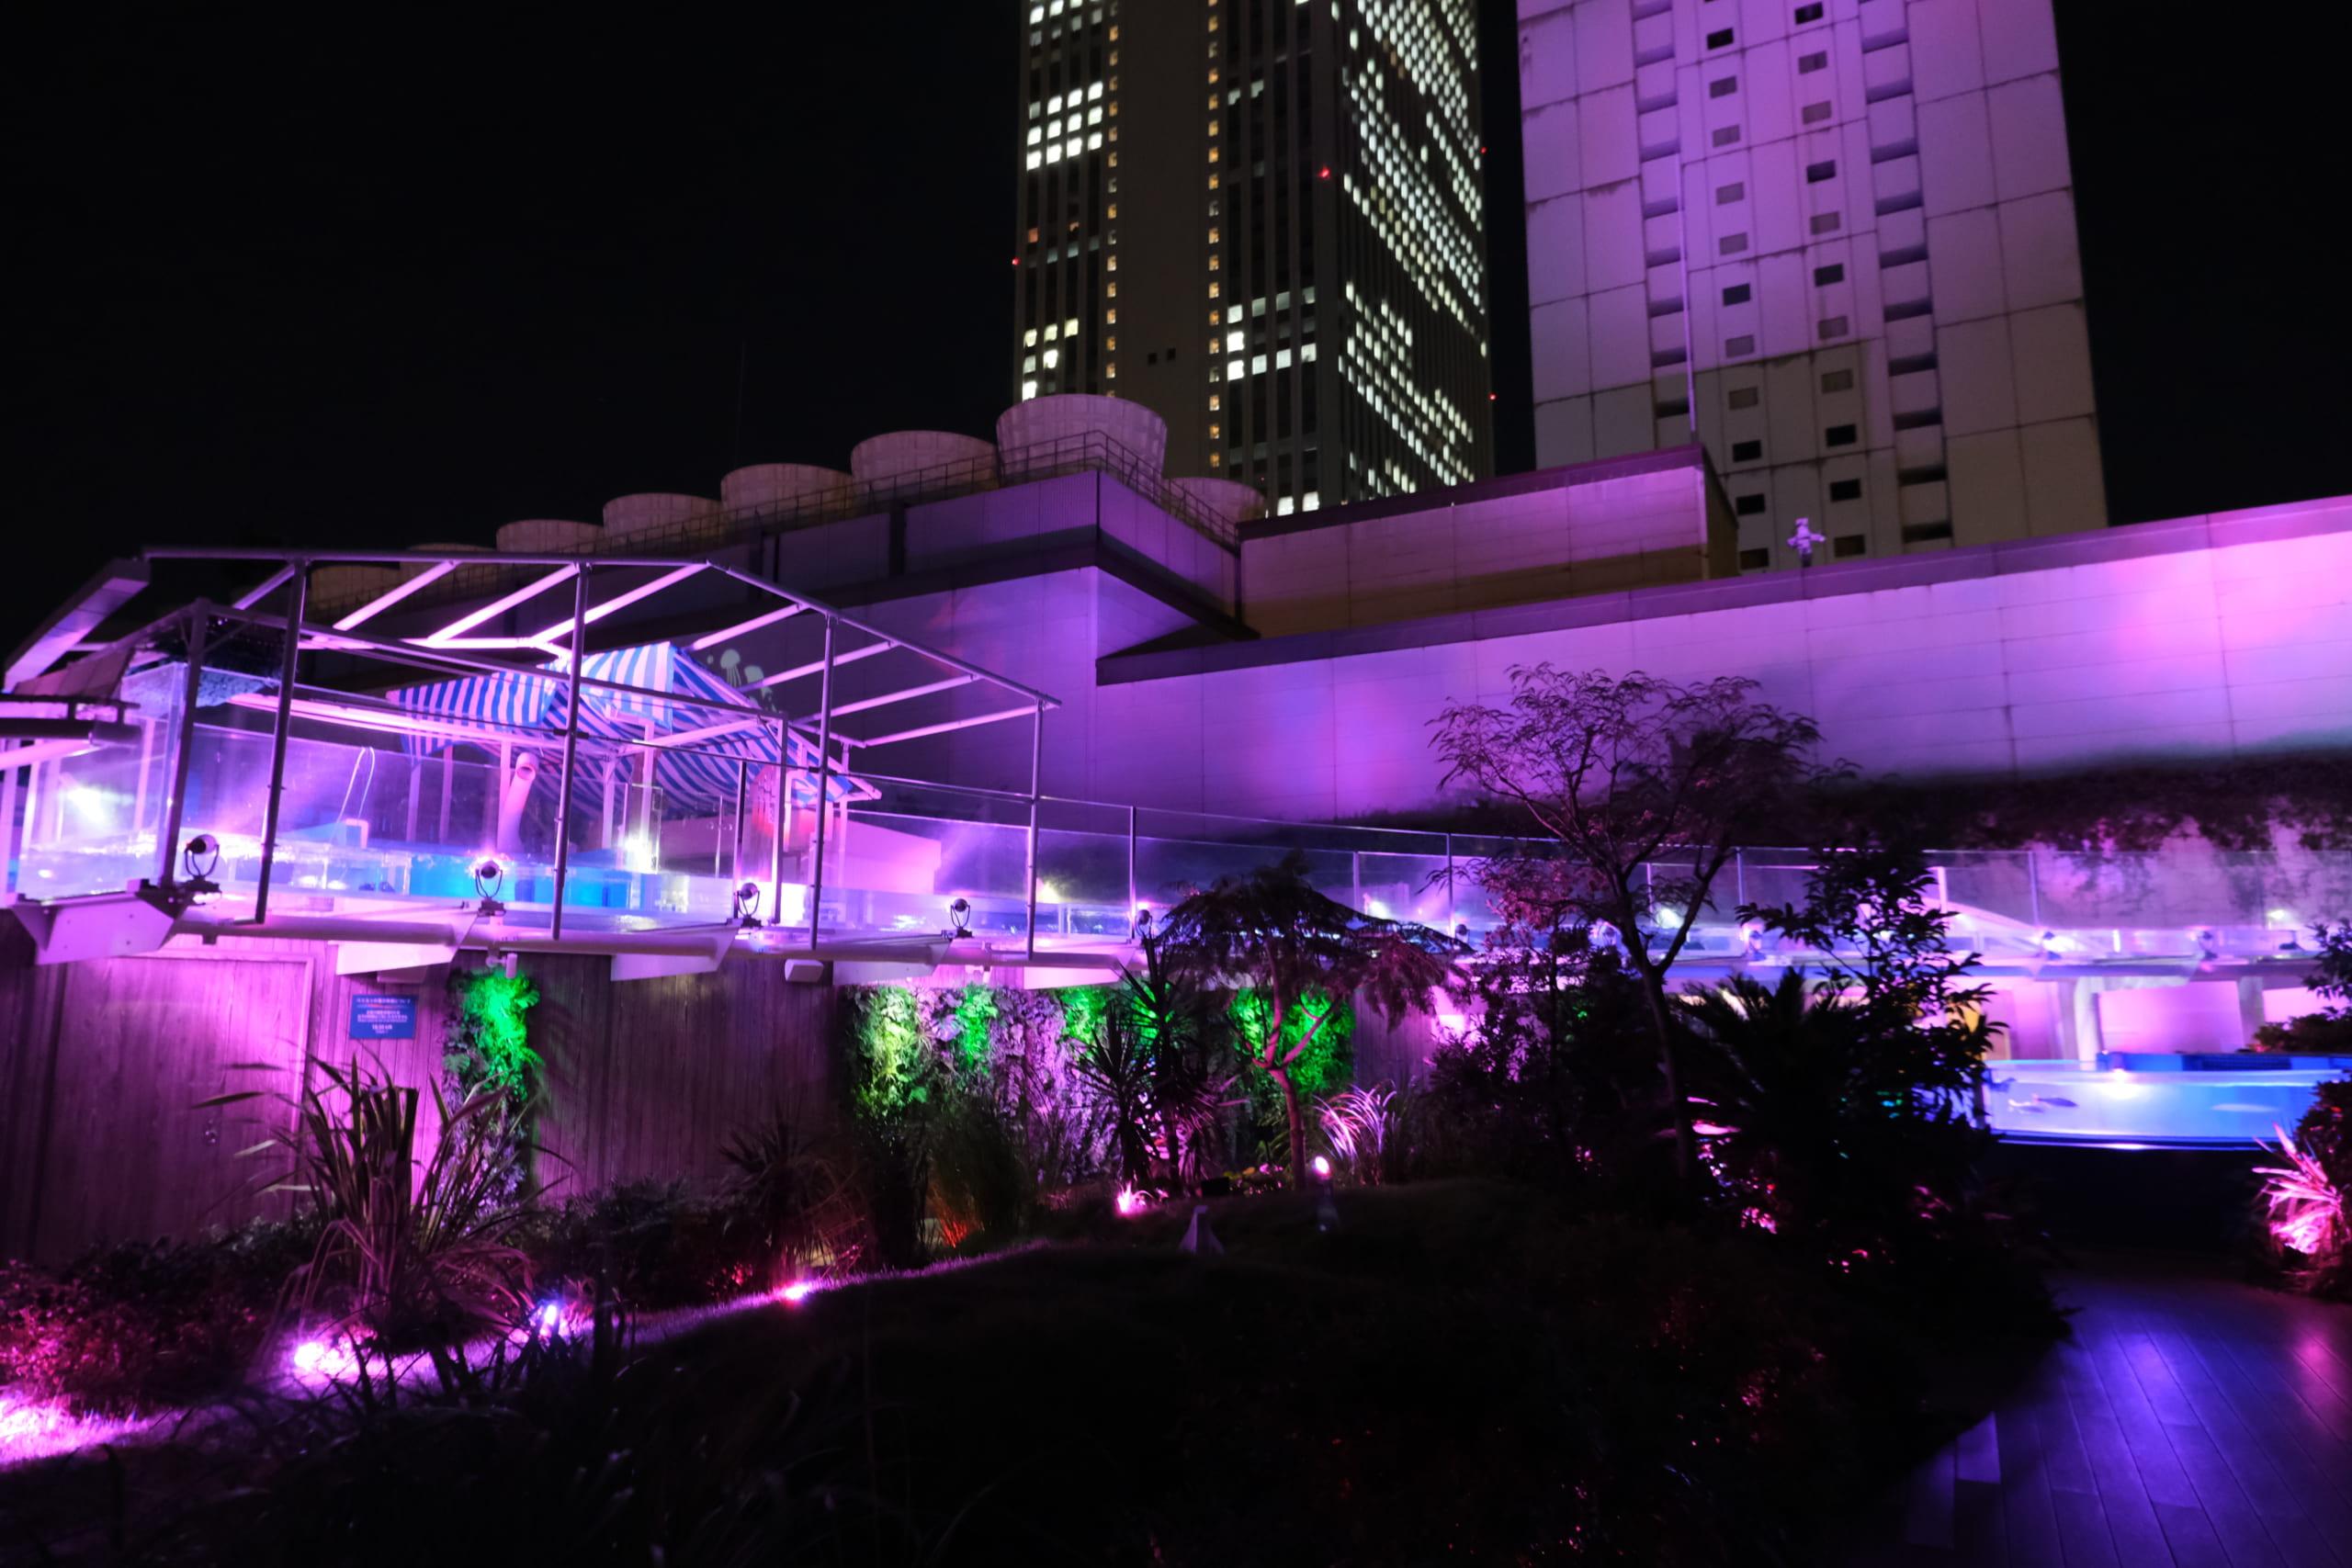 夜のサンシャイン水族館「もっと性いっぱい展」に行ってきました。真っピンク空間にドキドキ…の画像 4/21